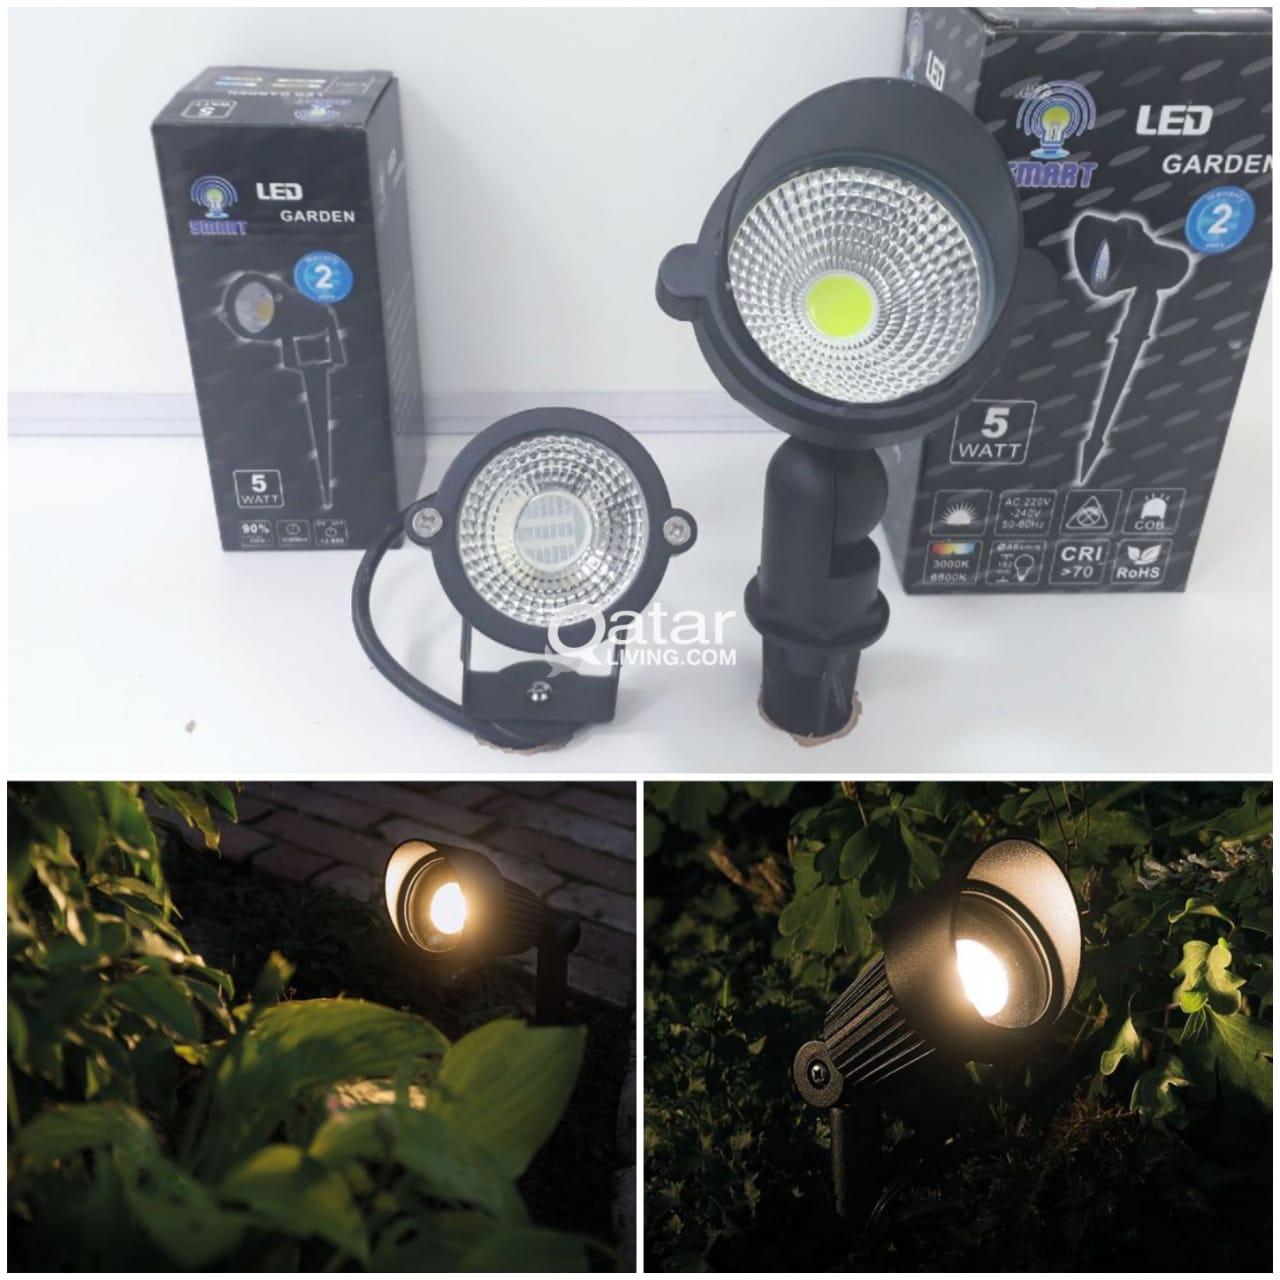 LED GARDEN LIGHT 5 W